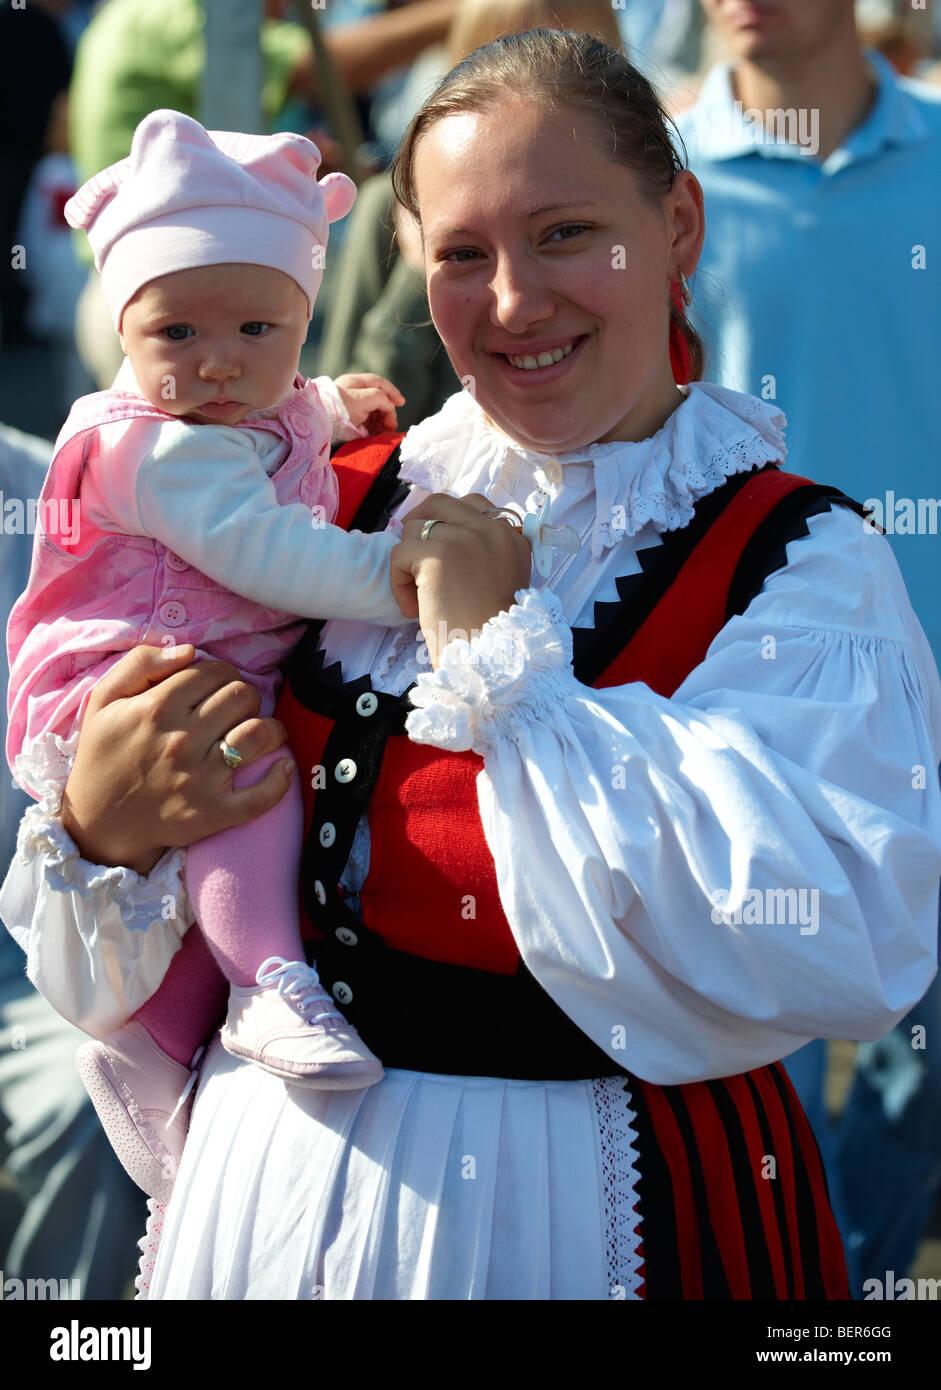 La madre y el bebé en traje tradicional - Hungría Imagen De Stock